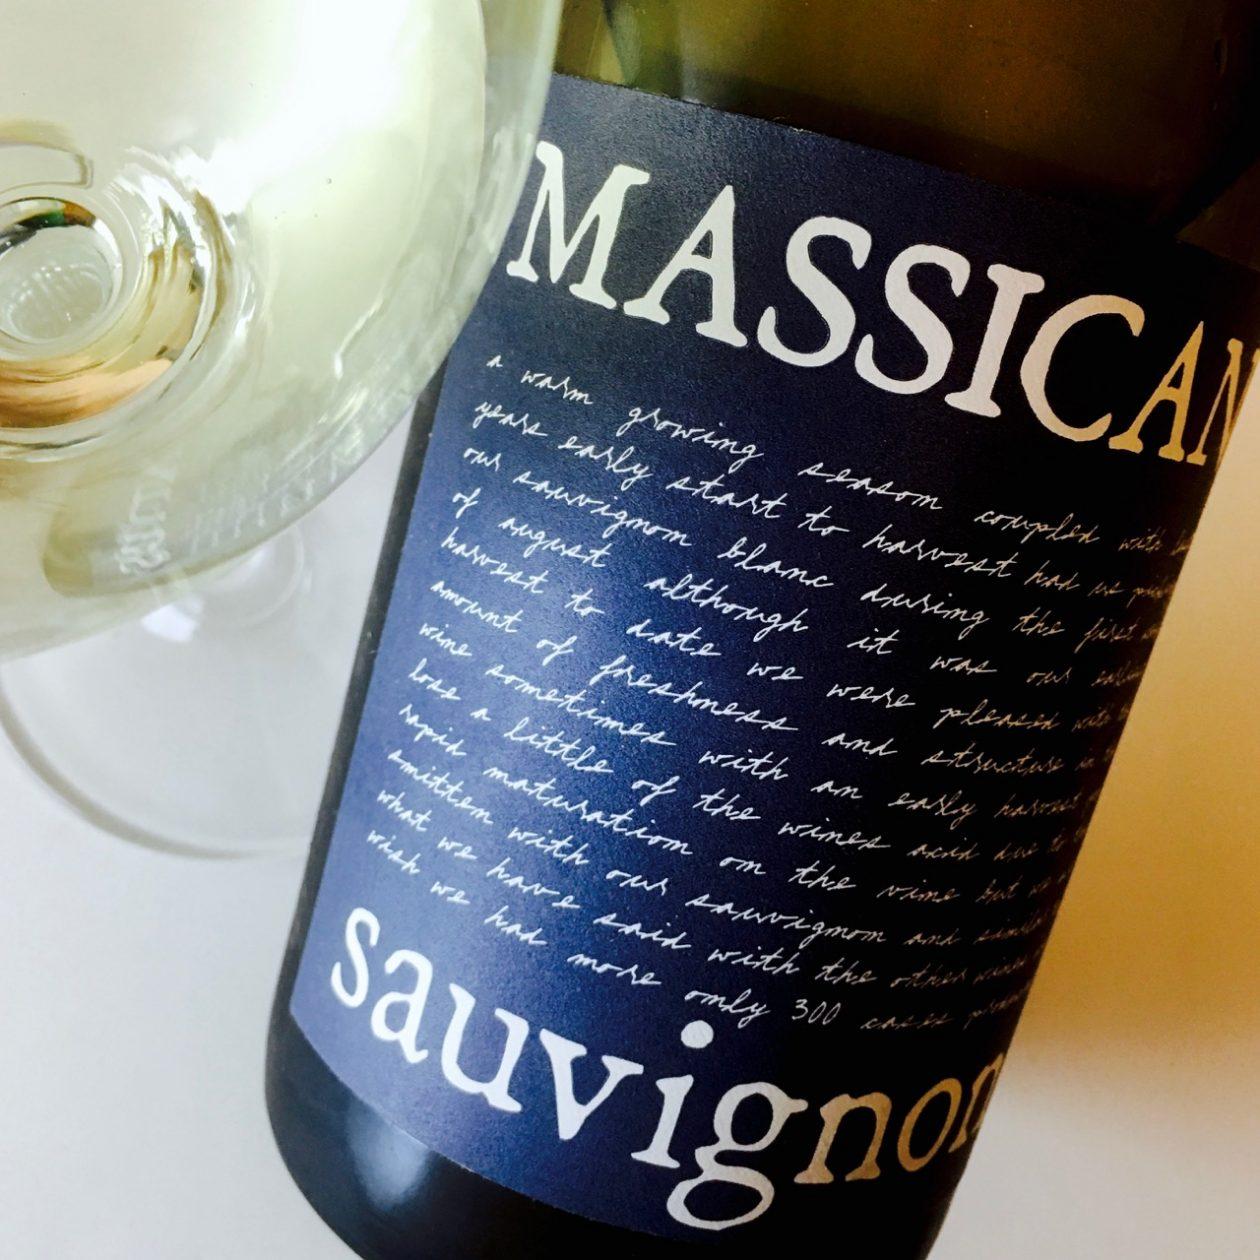 2015 Massican Sauvignon Blanc Napa Valley